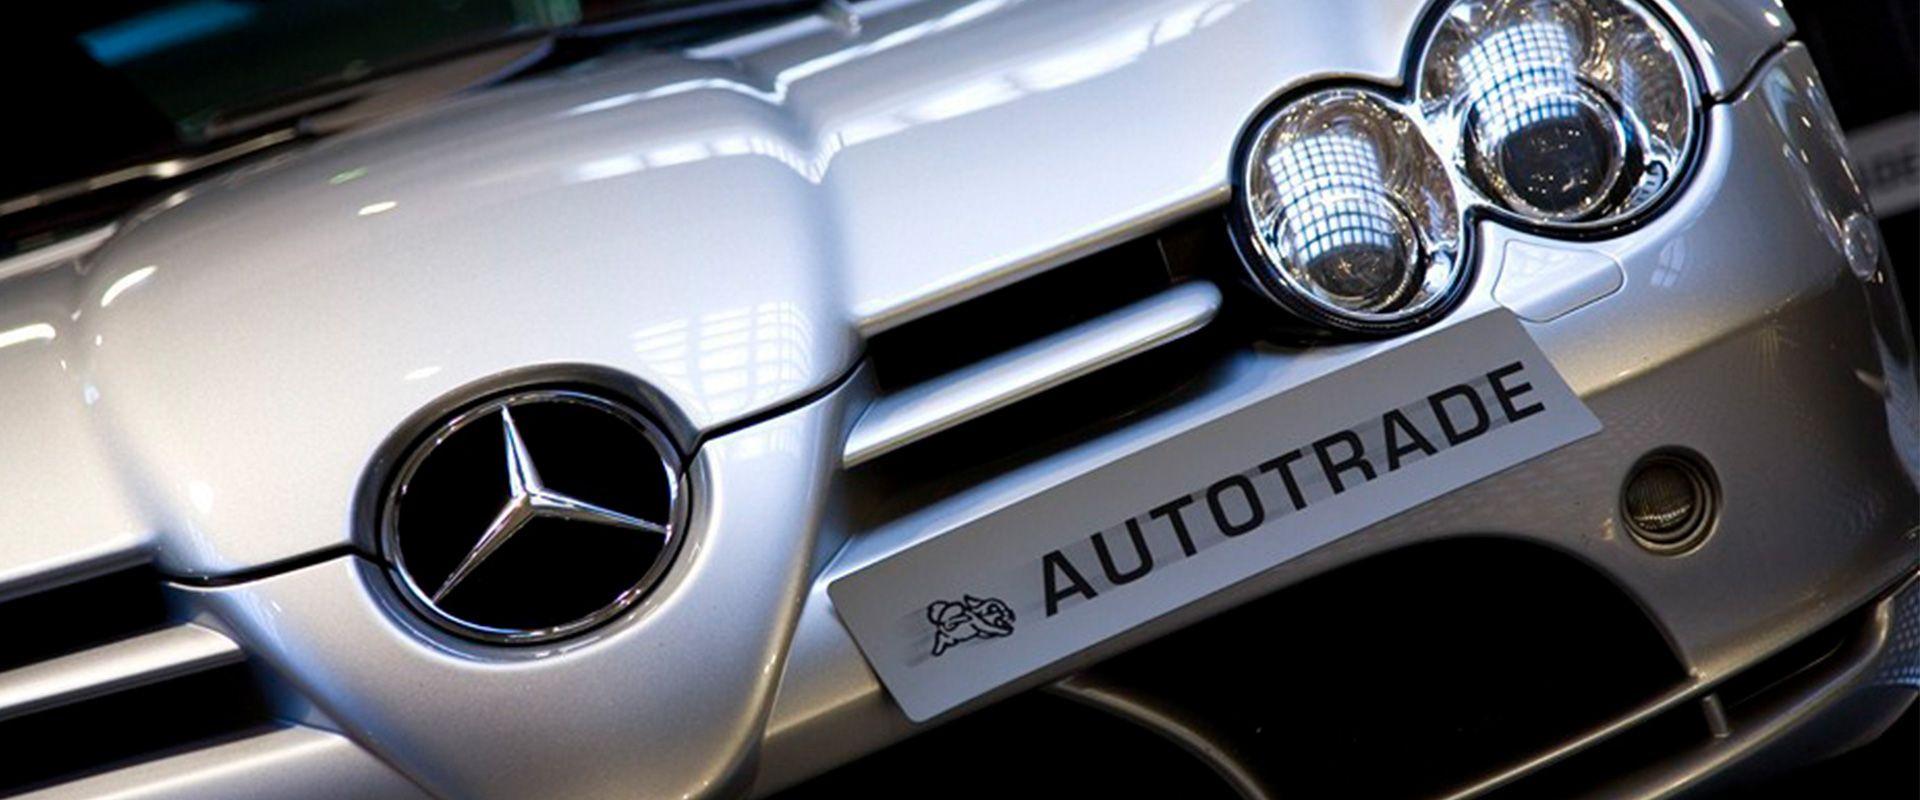 Banner Autotrade